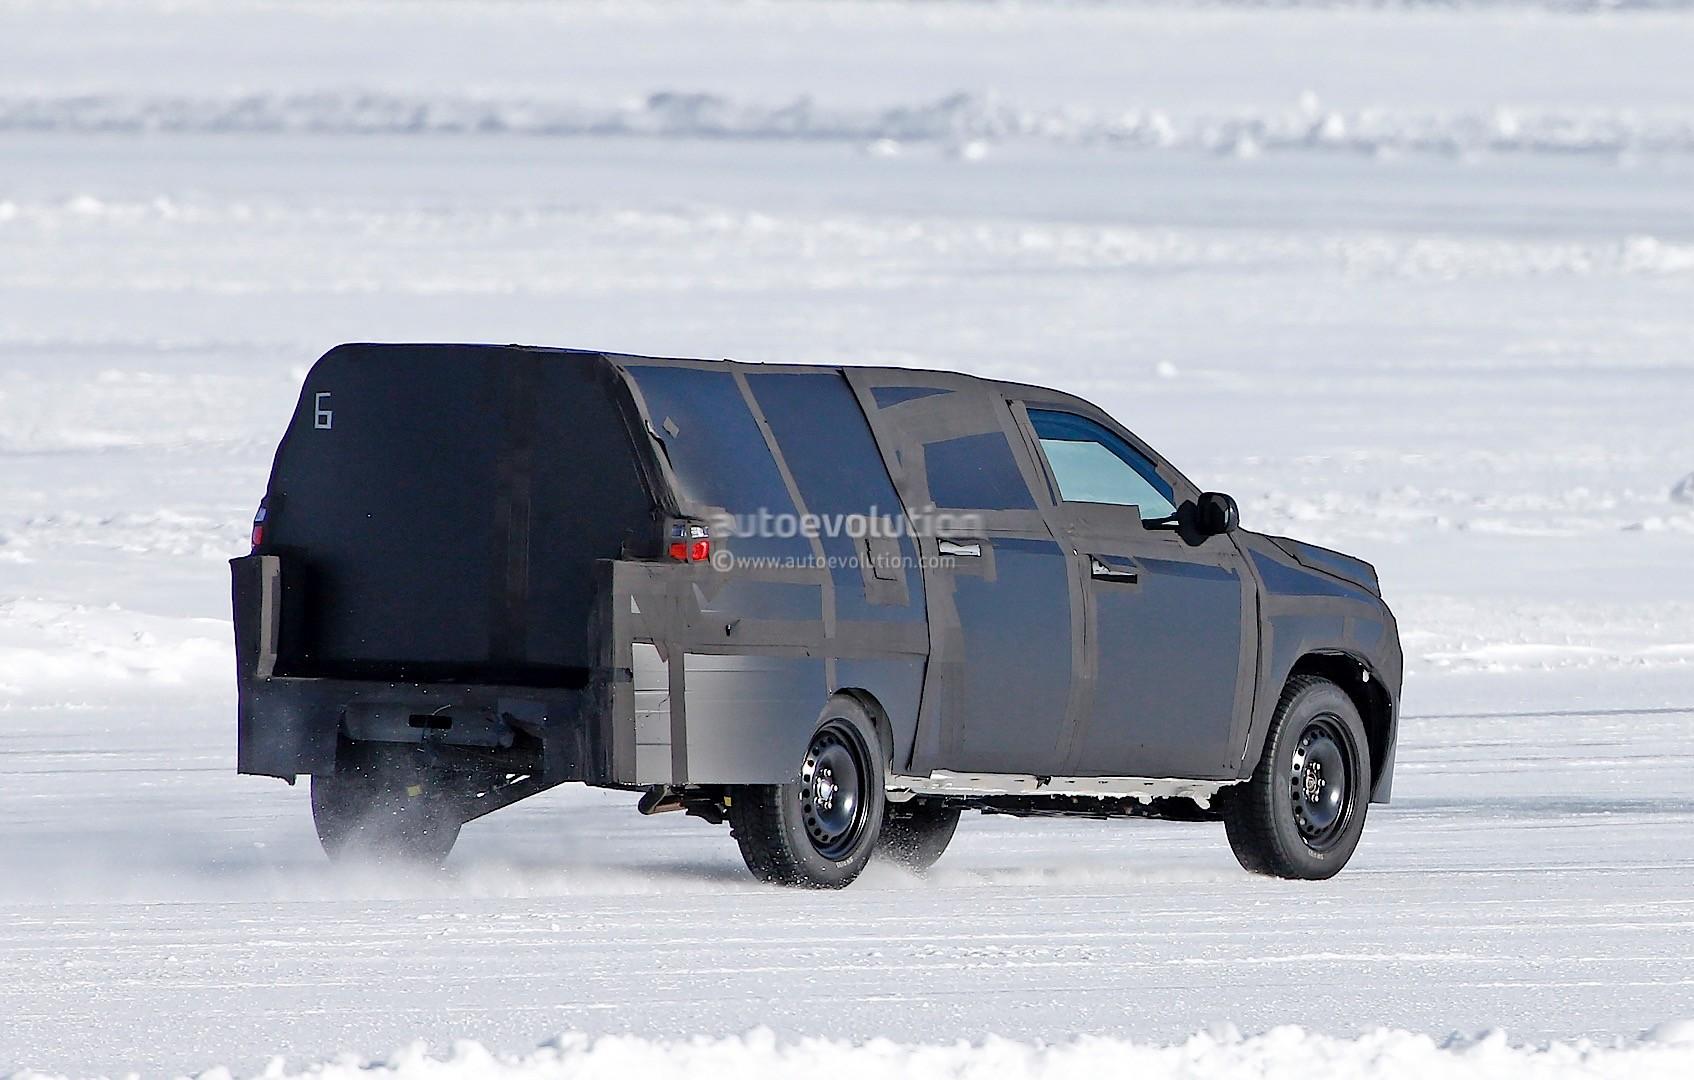 All New Dodge Dakota Mid Size Ram Pickup Truck Spied